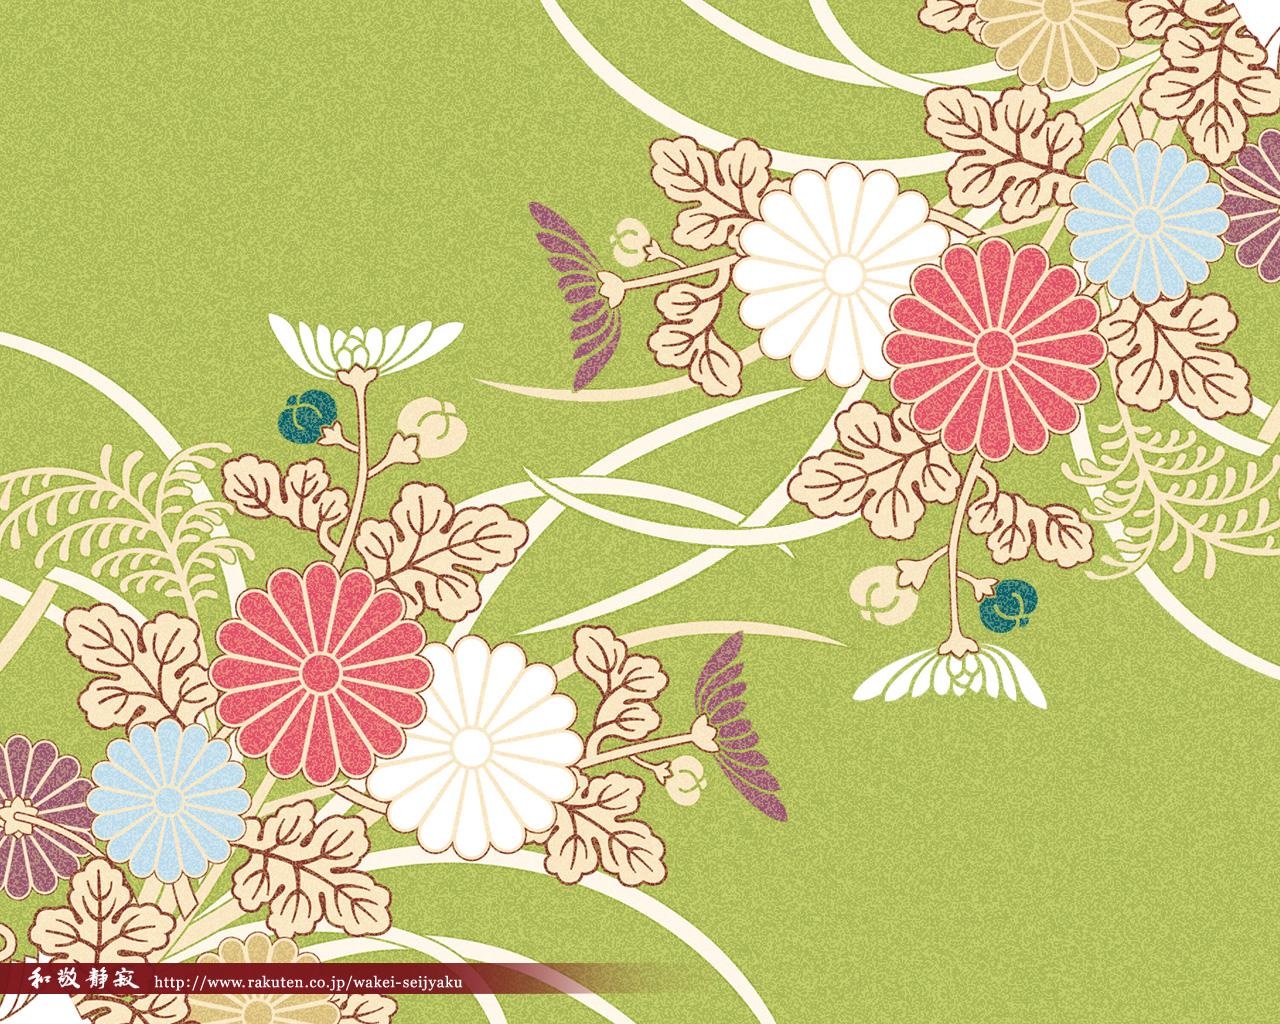 菊 和風 和柄 日本的 テイストなpcデスクトップ壁紙 画像集